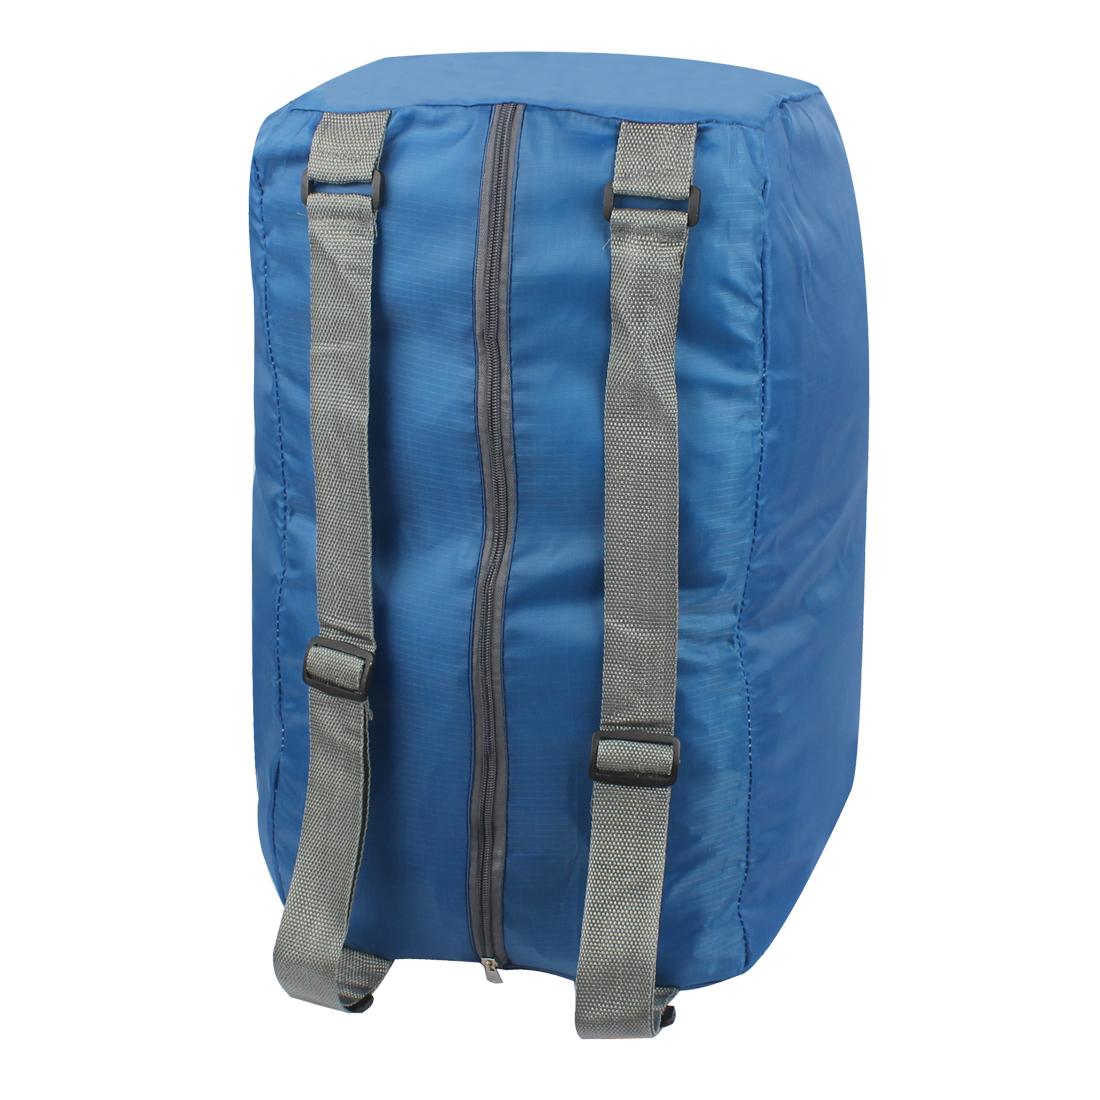 Blue Water Resistant Folding Camping Hiking Bag Shoulder Cross Storage Handbag Backpack